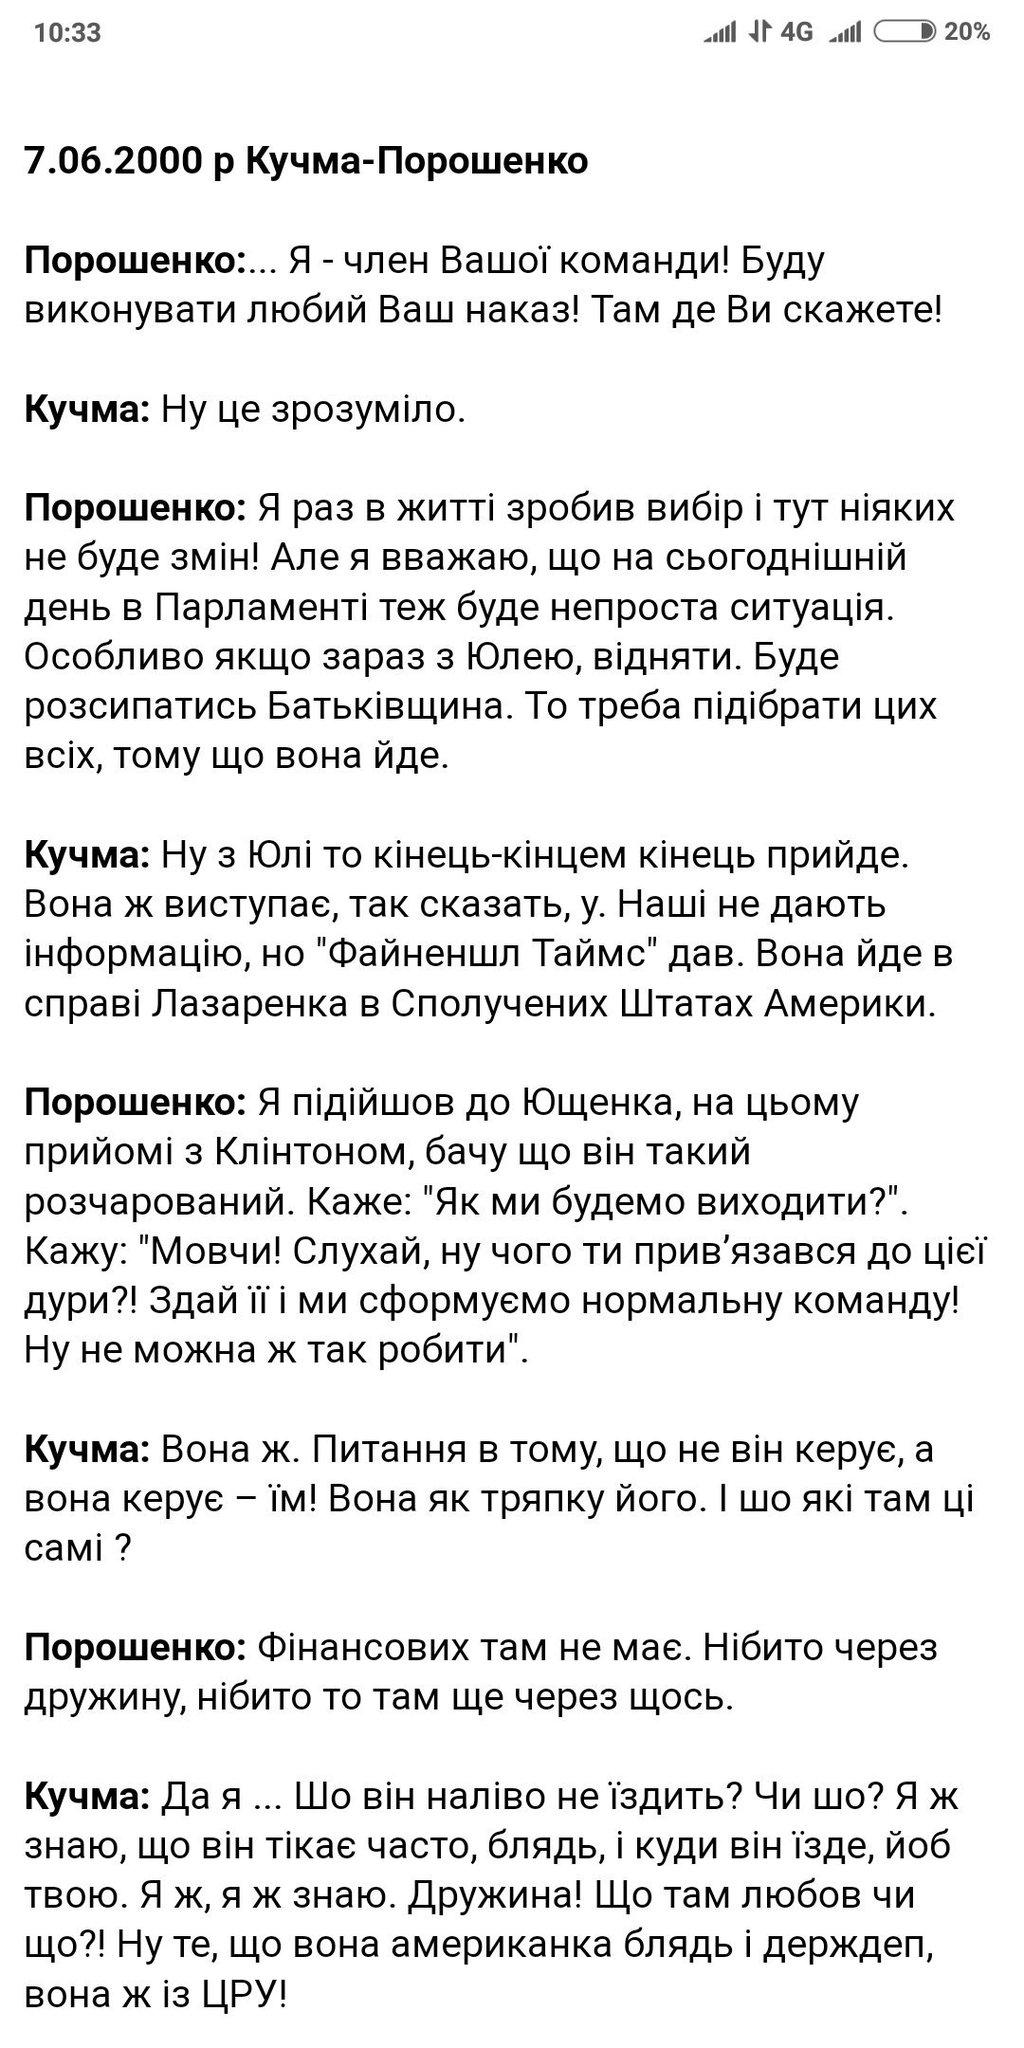 Нам потрібне законодавче врегулювання всіх питань, пов'язаних зі статусом української мови як державної, - Порошенко - Цензор.НЕТ 5212